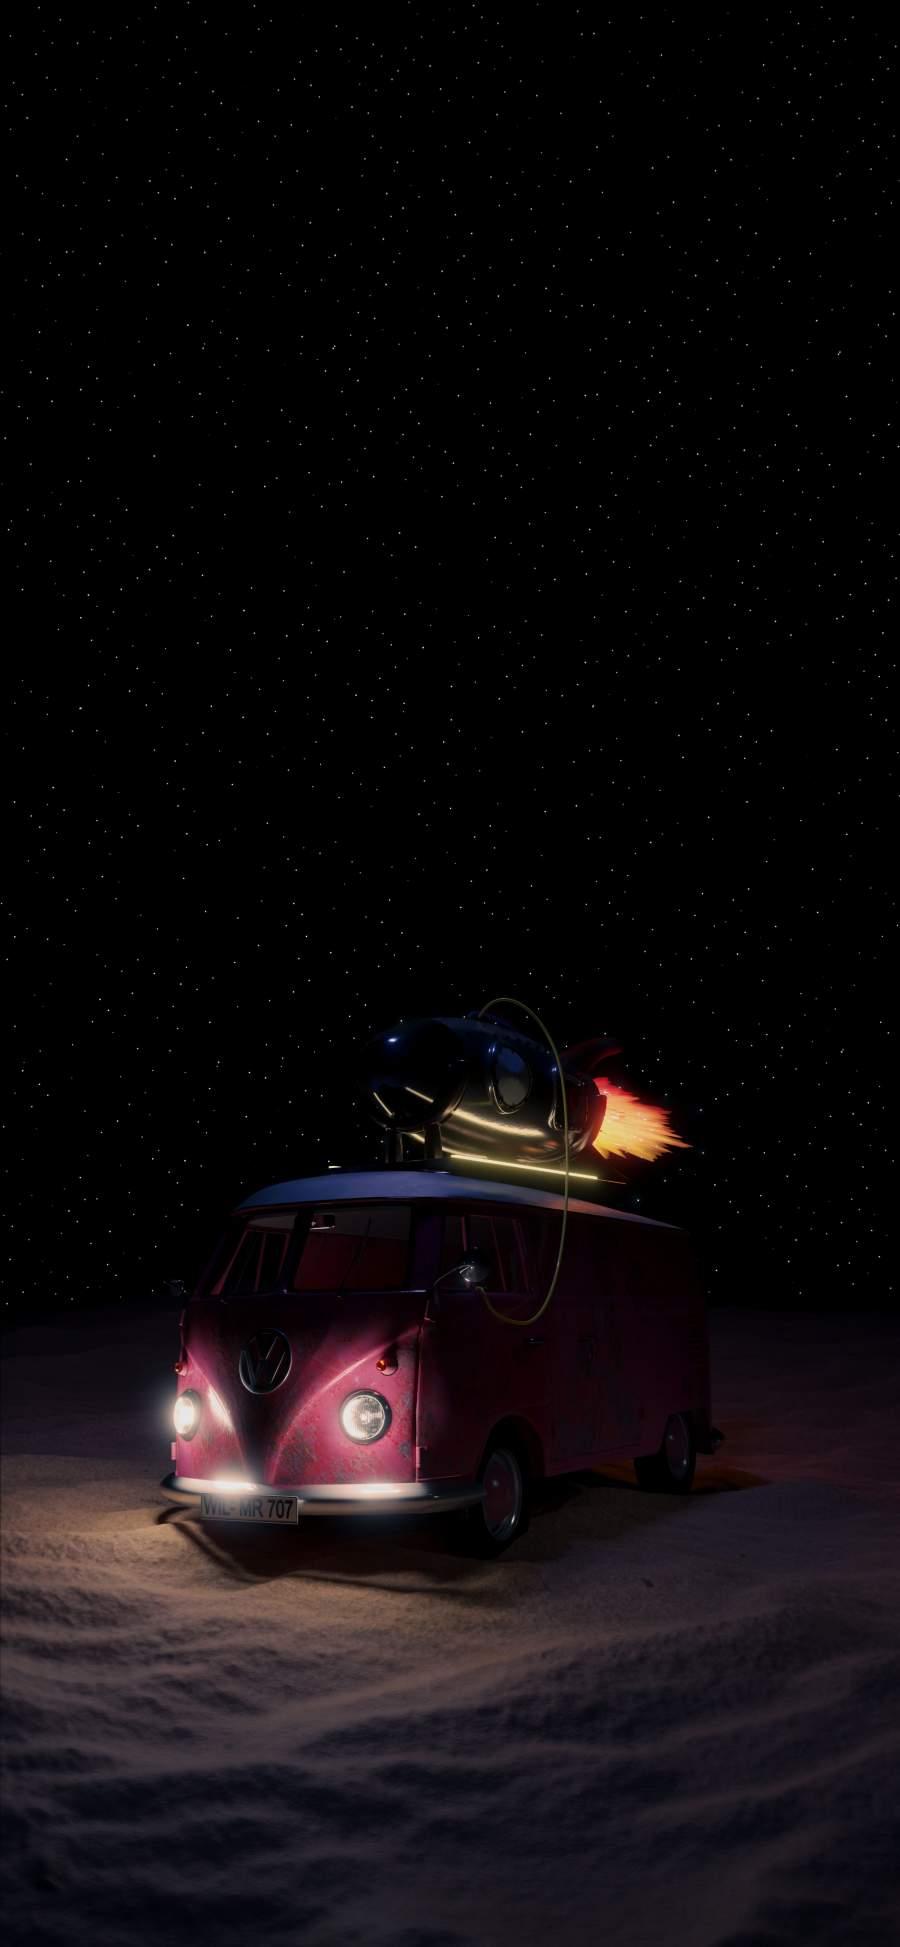 Rocket Van iPhone Wallpaper